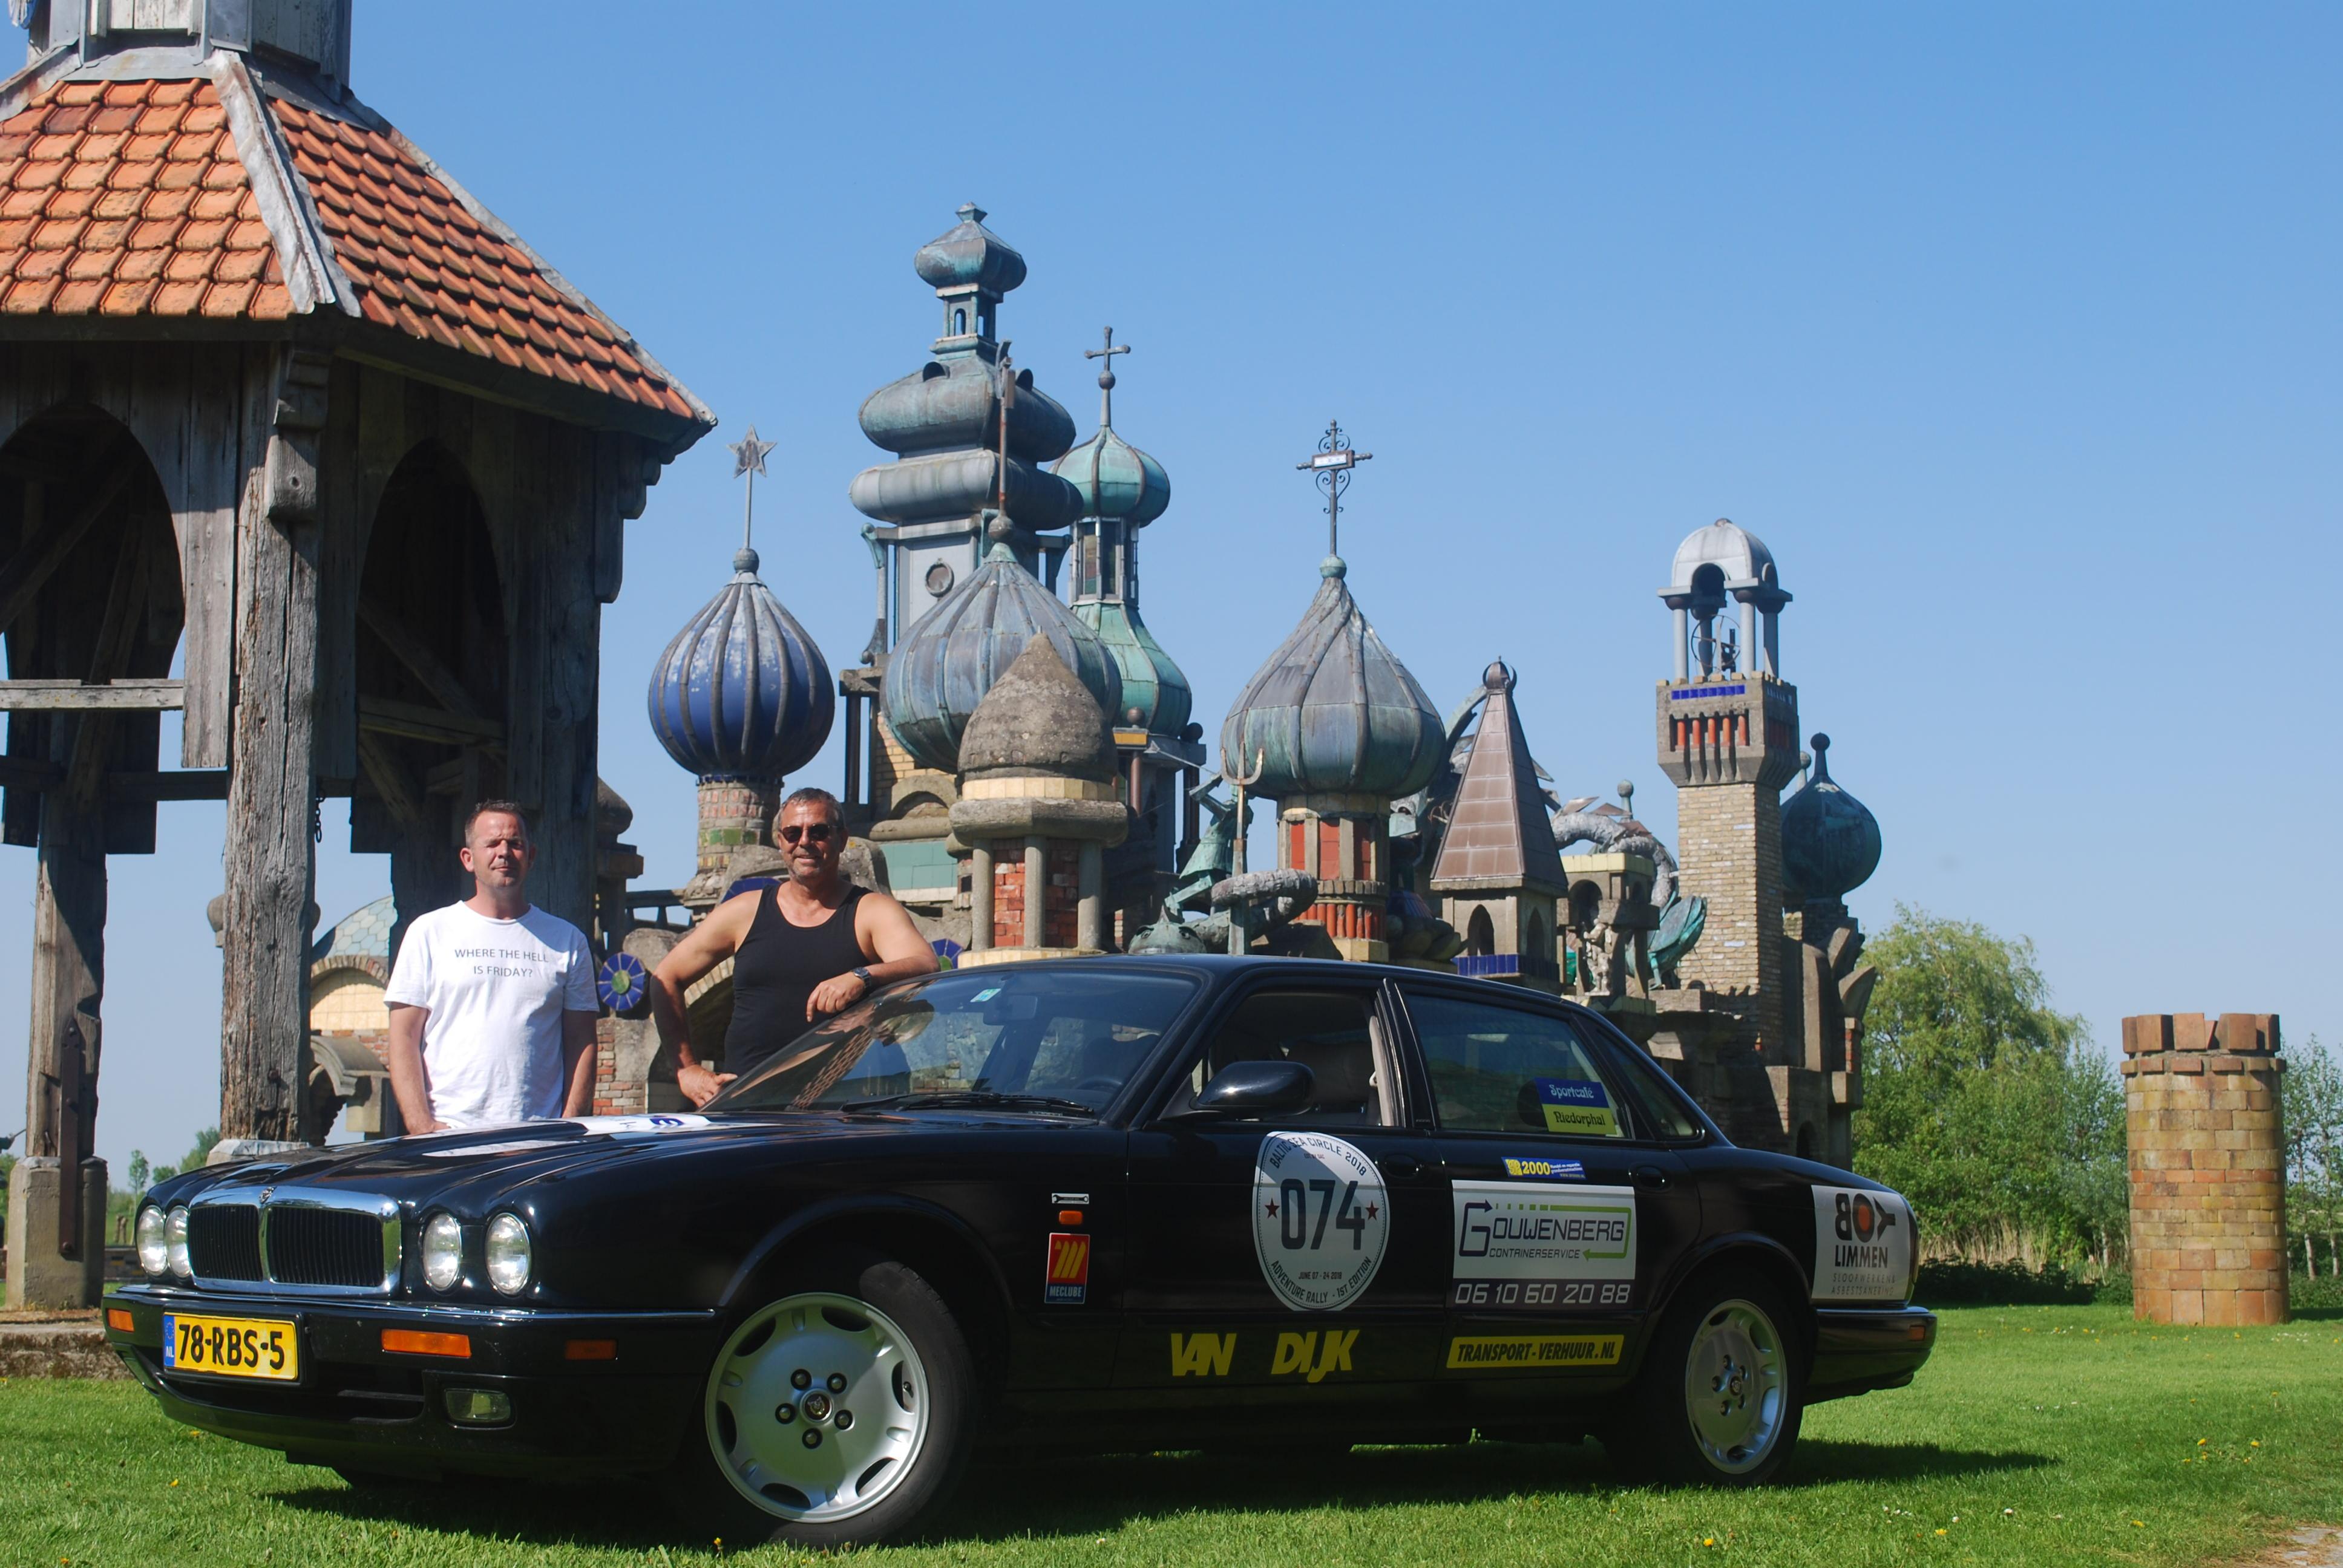 Team Gouwenberg doet mee aan de Baltic Sea Rally ten behoeve van Dierenopvang Schagen-Hollands Kroon. (Foto: aangeleverd)